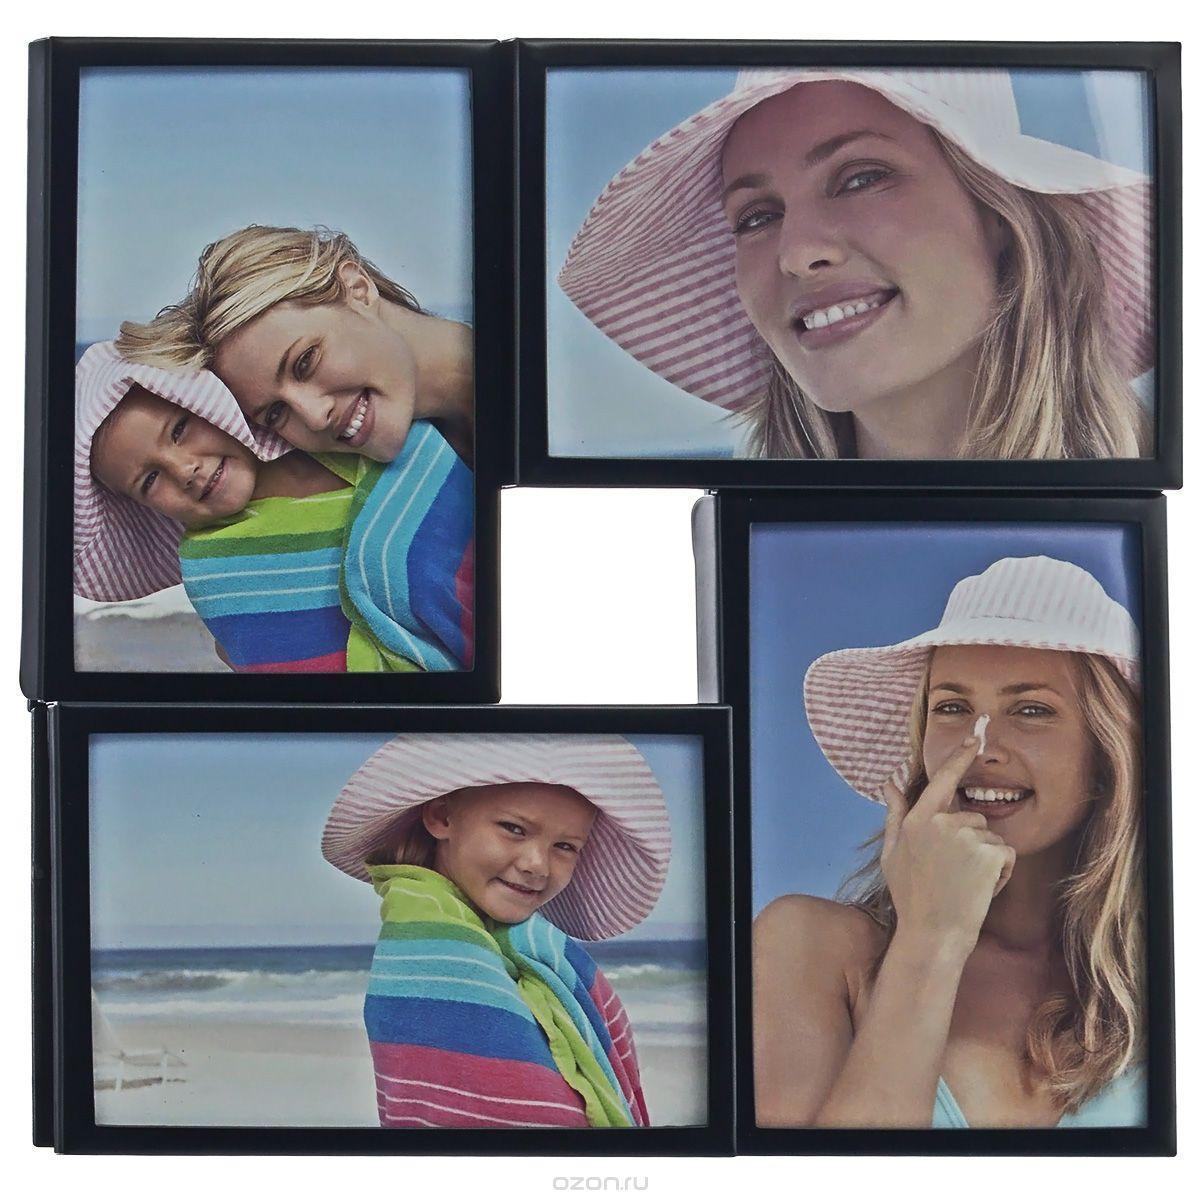 Фоторамка Image Art, цвет: черный, на 4 фото, 10 х 15 см 50553986005355055398600535Фоторамка-коллаж Image Art - прекрасный способ красиво оформить вашифотографии. Изделие рассчитано на 4 фотографии. Фоторамка выполнена из металла изащищена стеклом. Фоторамкуможно подвесить на стену, для чего с задней стороны предусмотреныспециальные отверстия.Такая фоторамка поможет сохранить на память самые яркие моменты вашейжизни, а стильный дизайн сделает ее прекрасным дополнением интерьера.